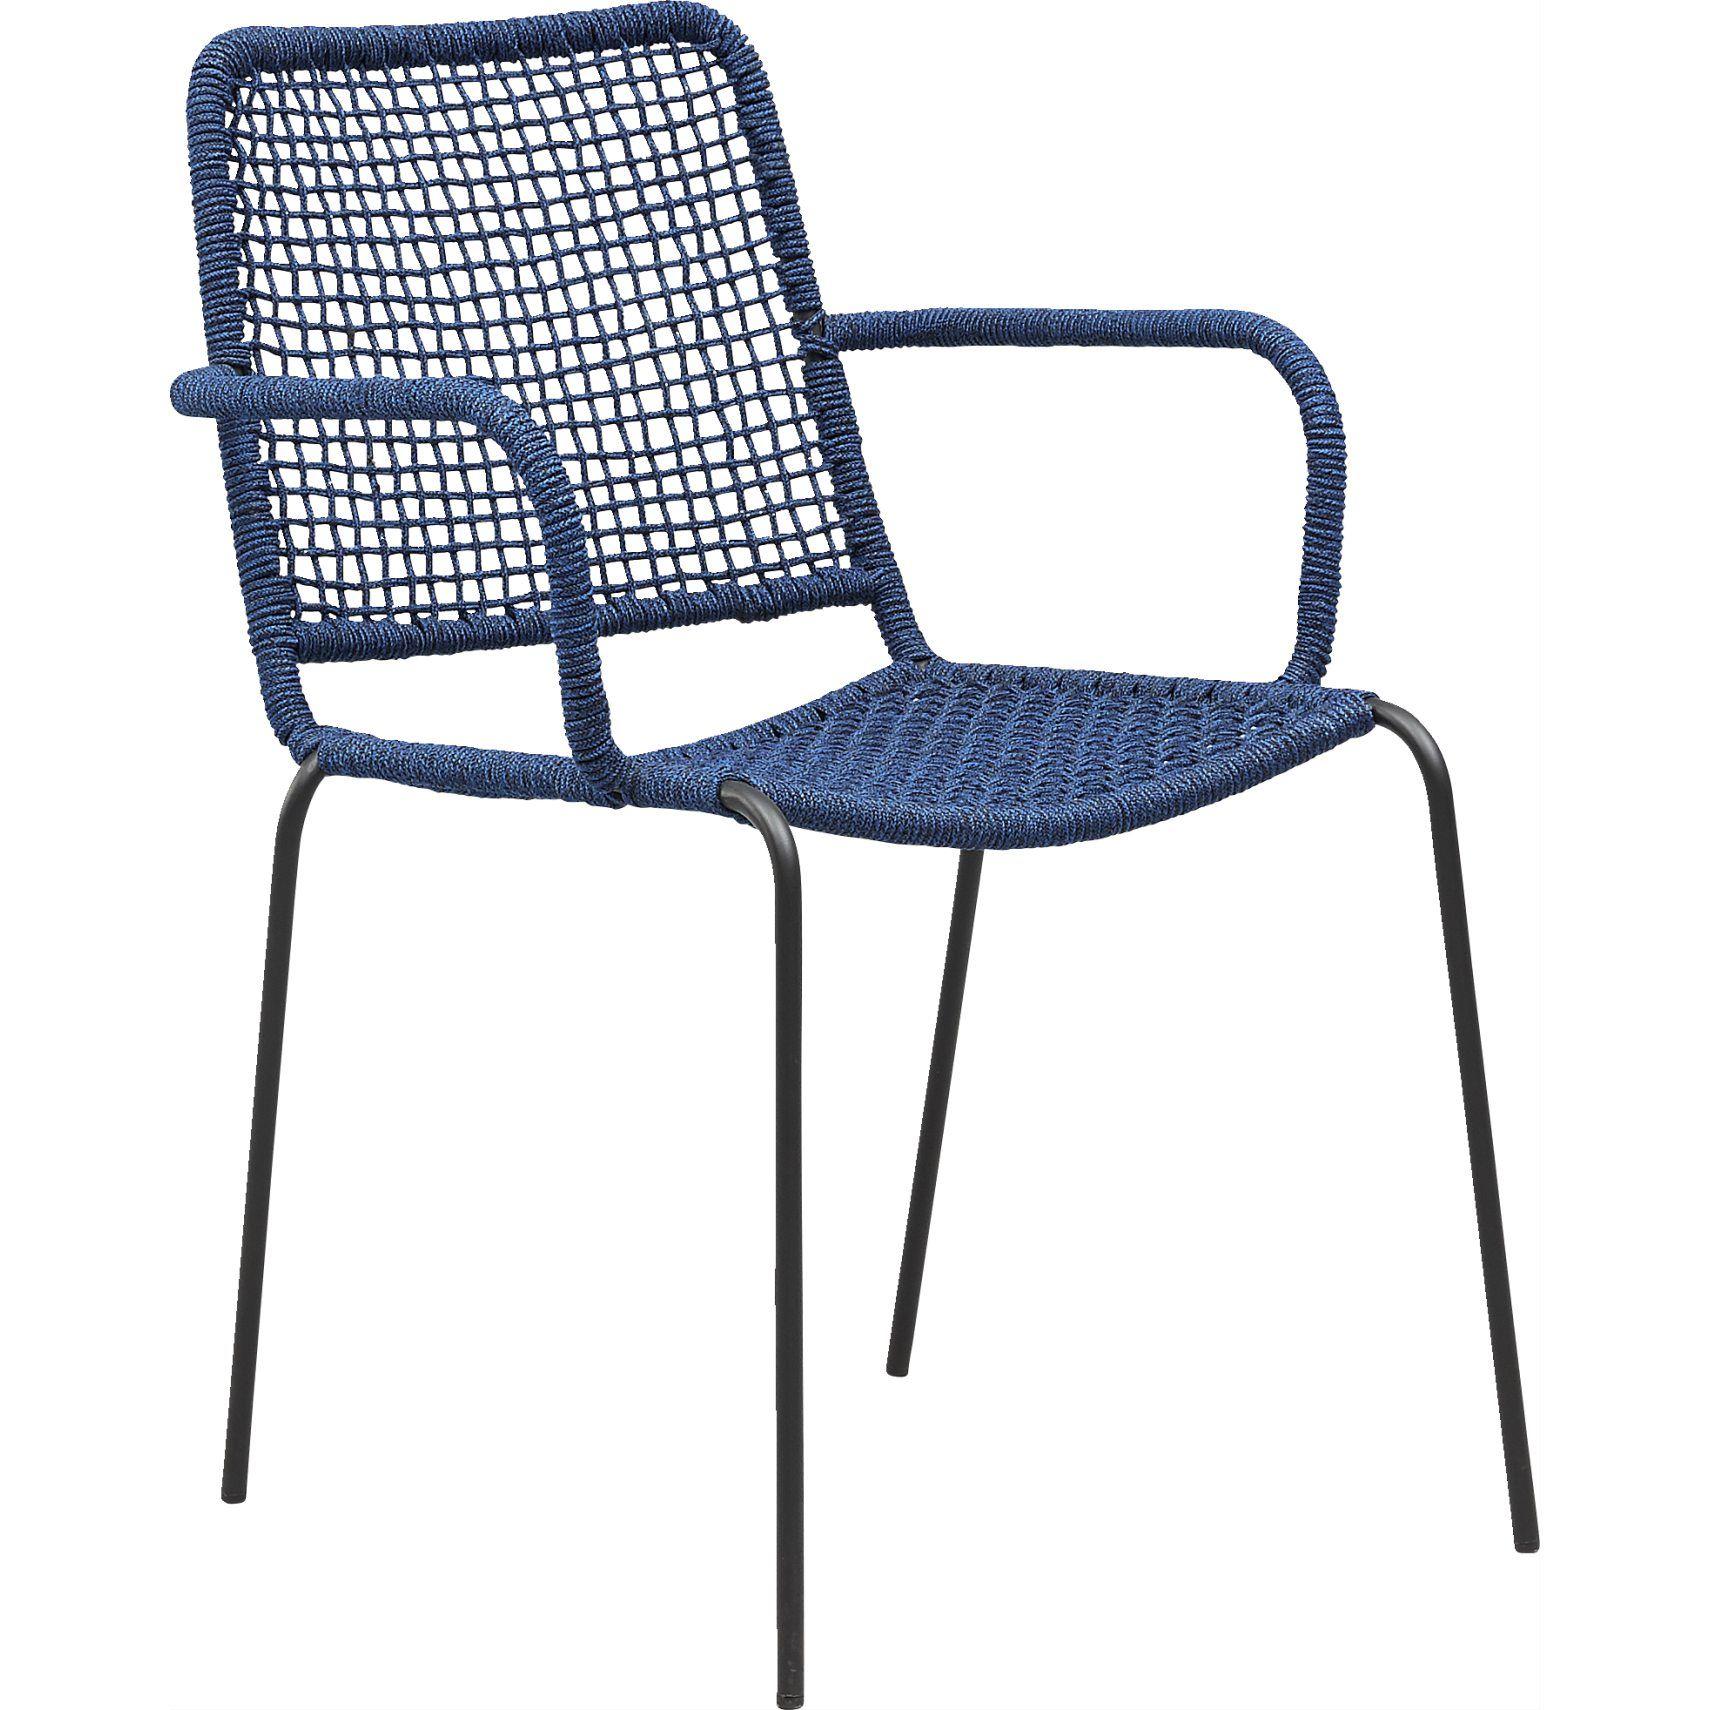 gilbert chair ikea tall gas cylinder for office balkong